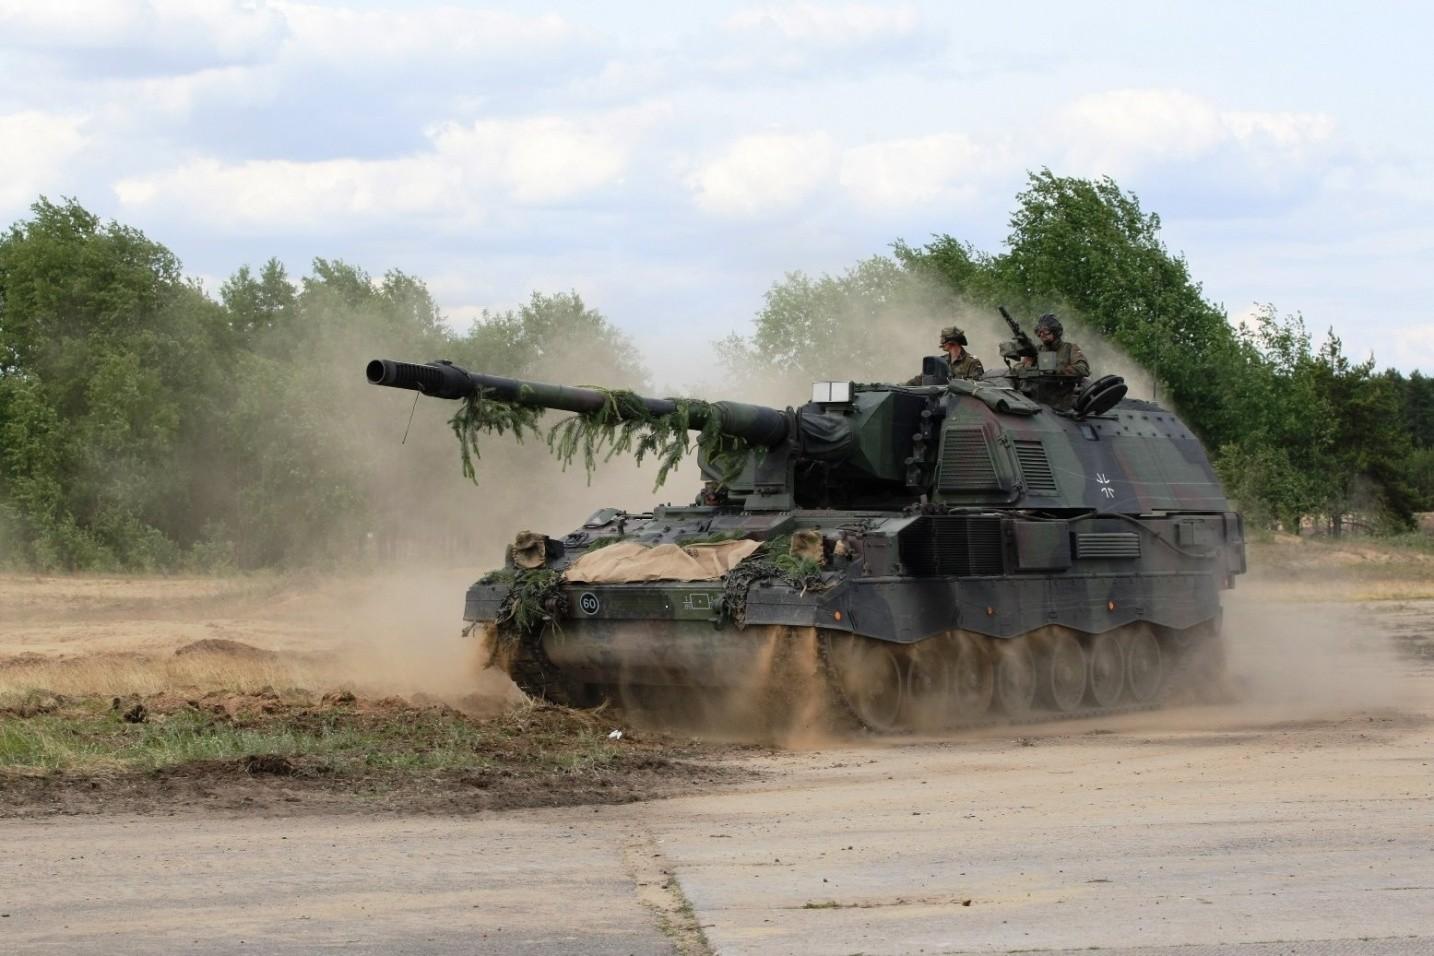 Die Welt: Немецкие гаубицы для защиты от России пришлись Литве по душе